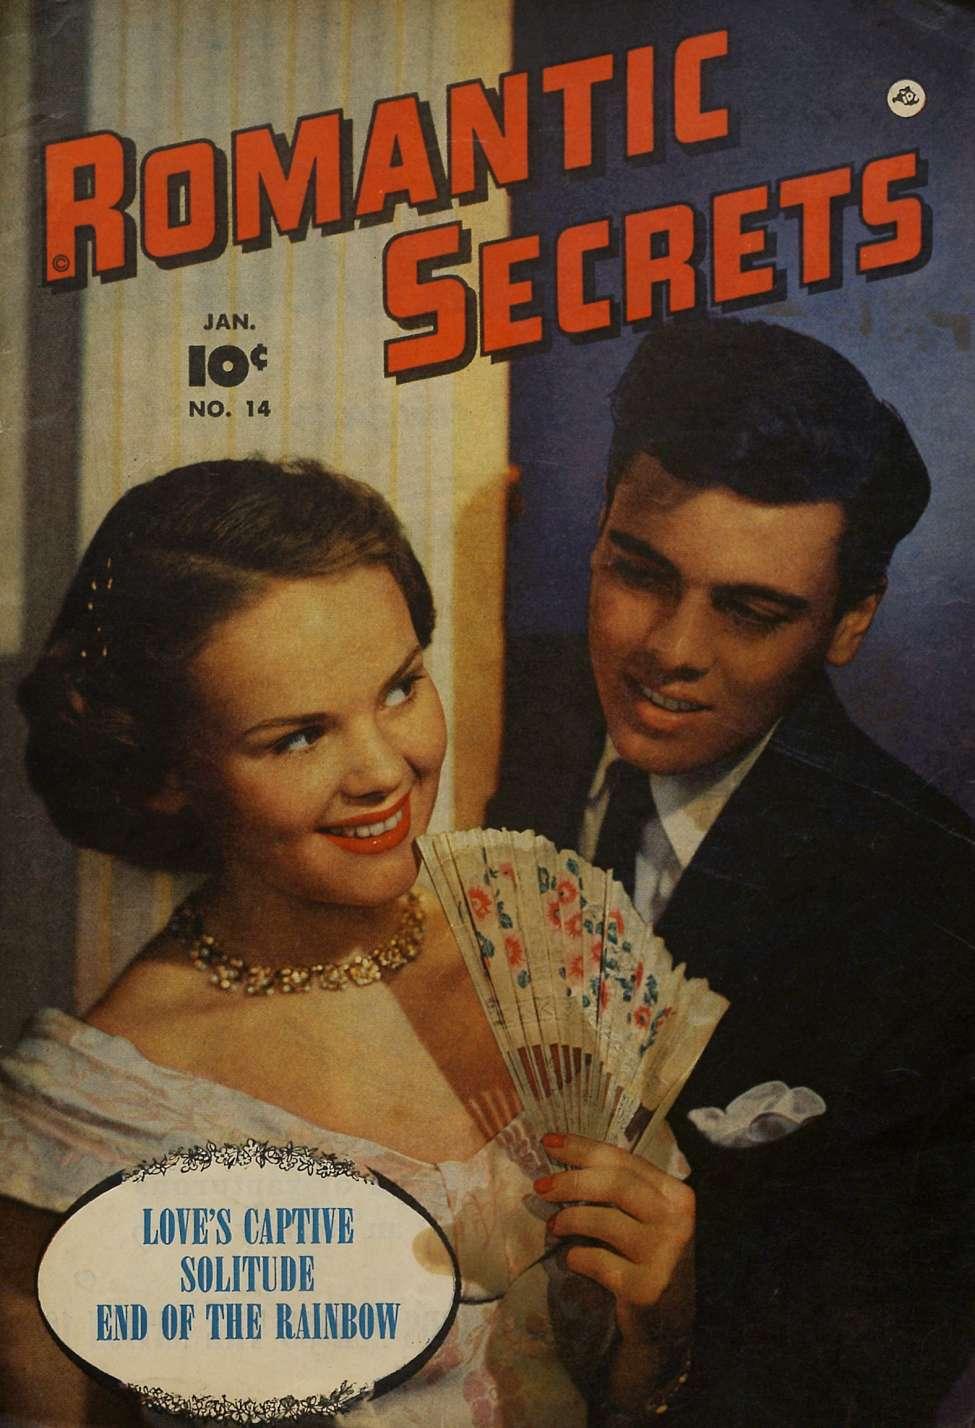 Comic Book Cover For Romantic Secrets #14